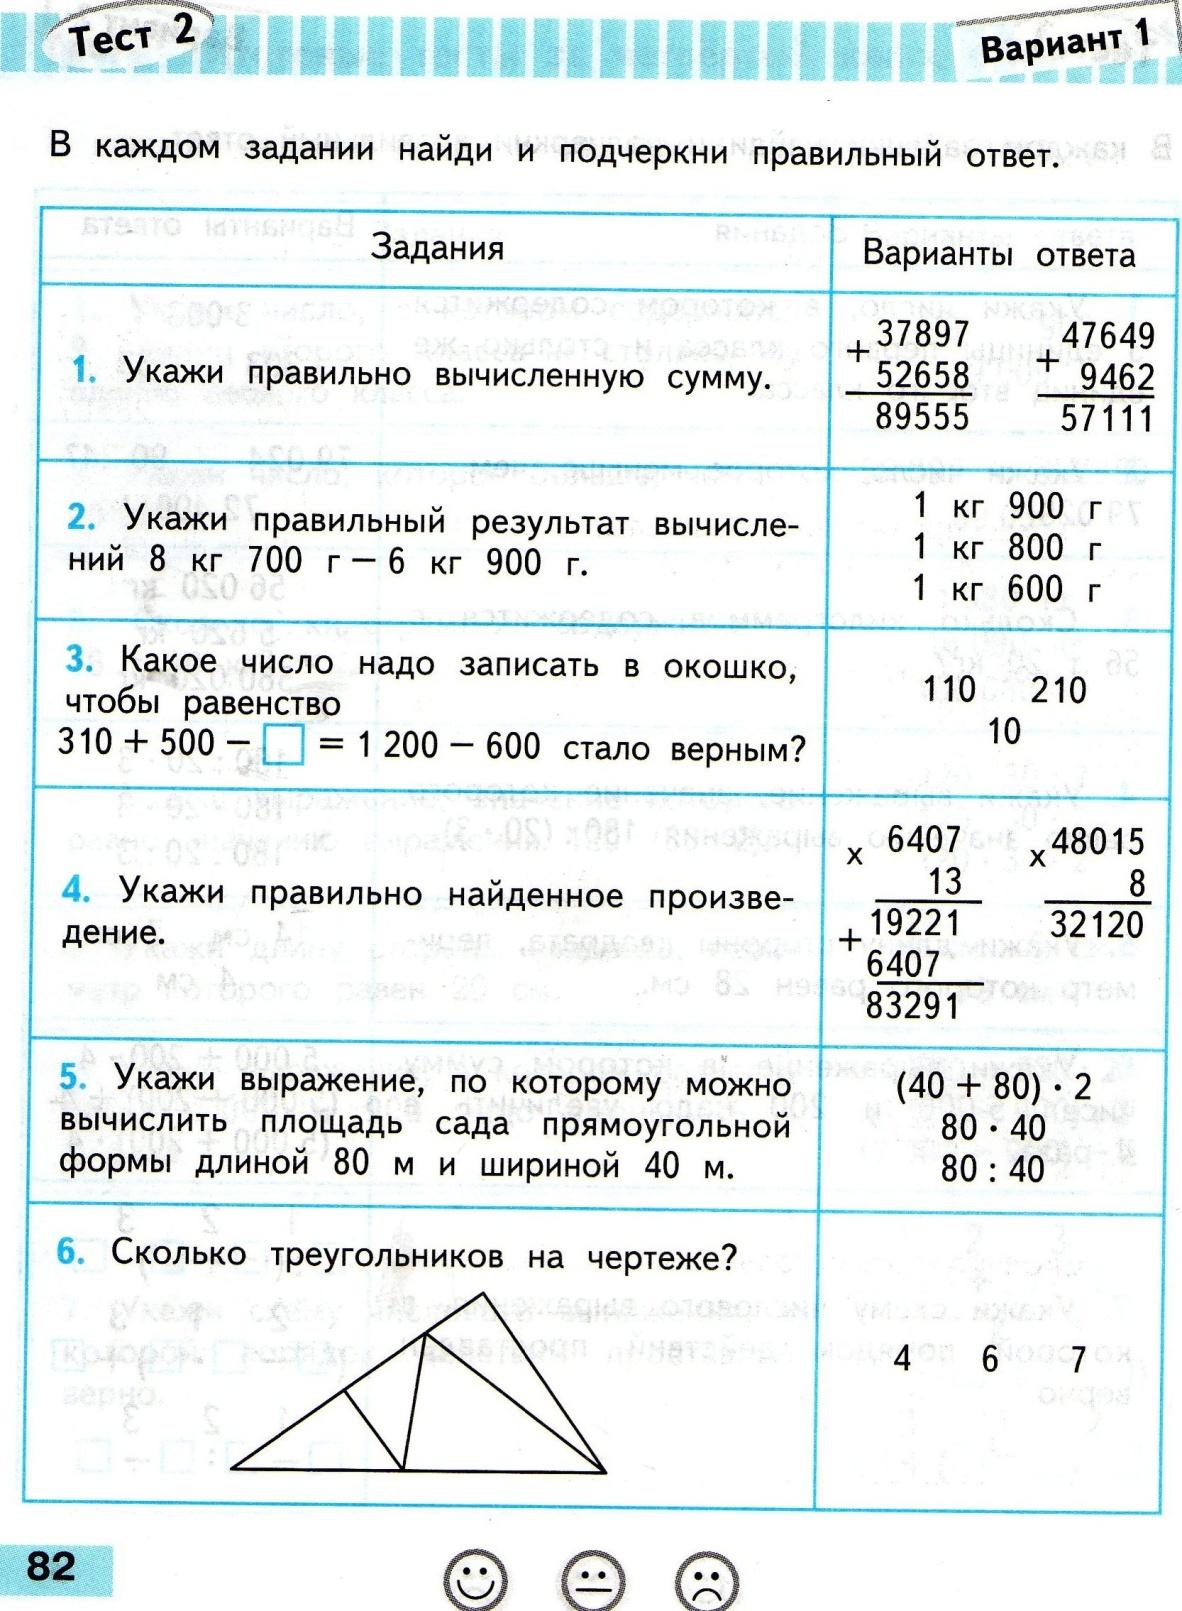 C:\Documents and Settings\Admin\Мои документы\Мои рисунки\1581.jpg